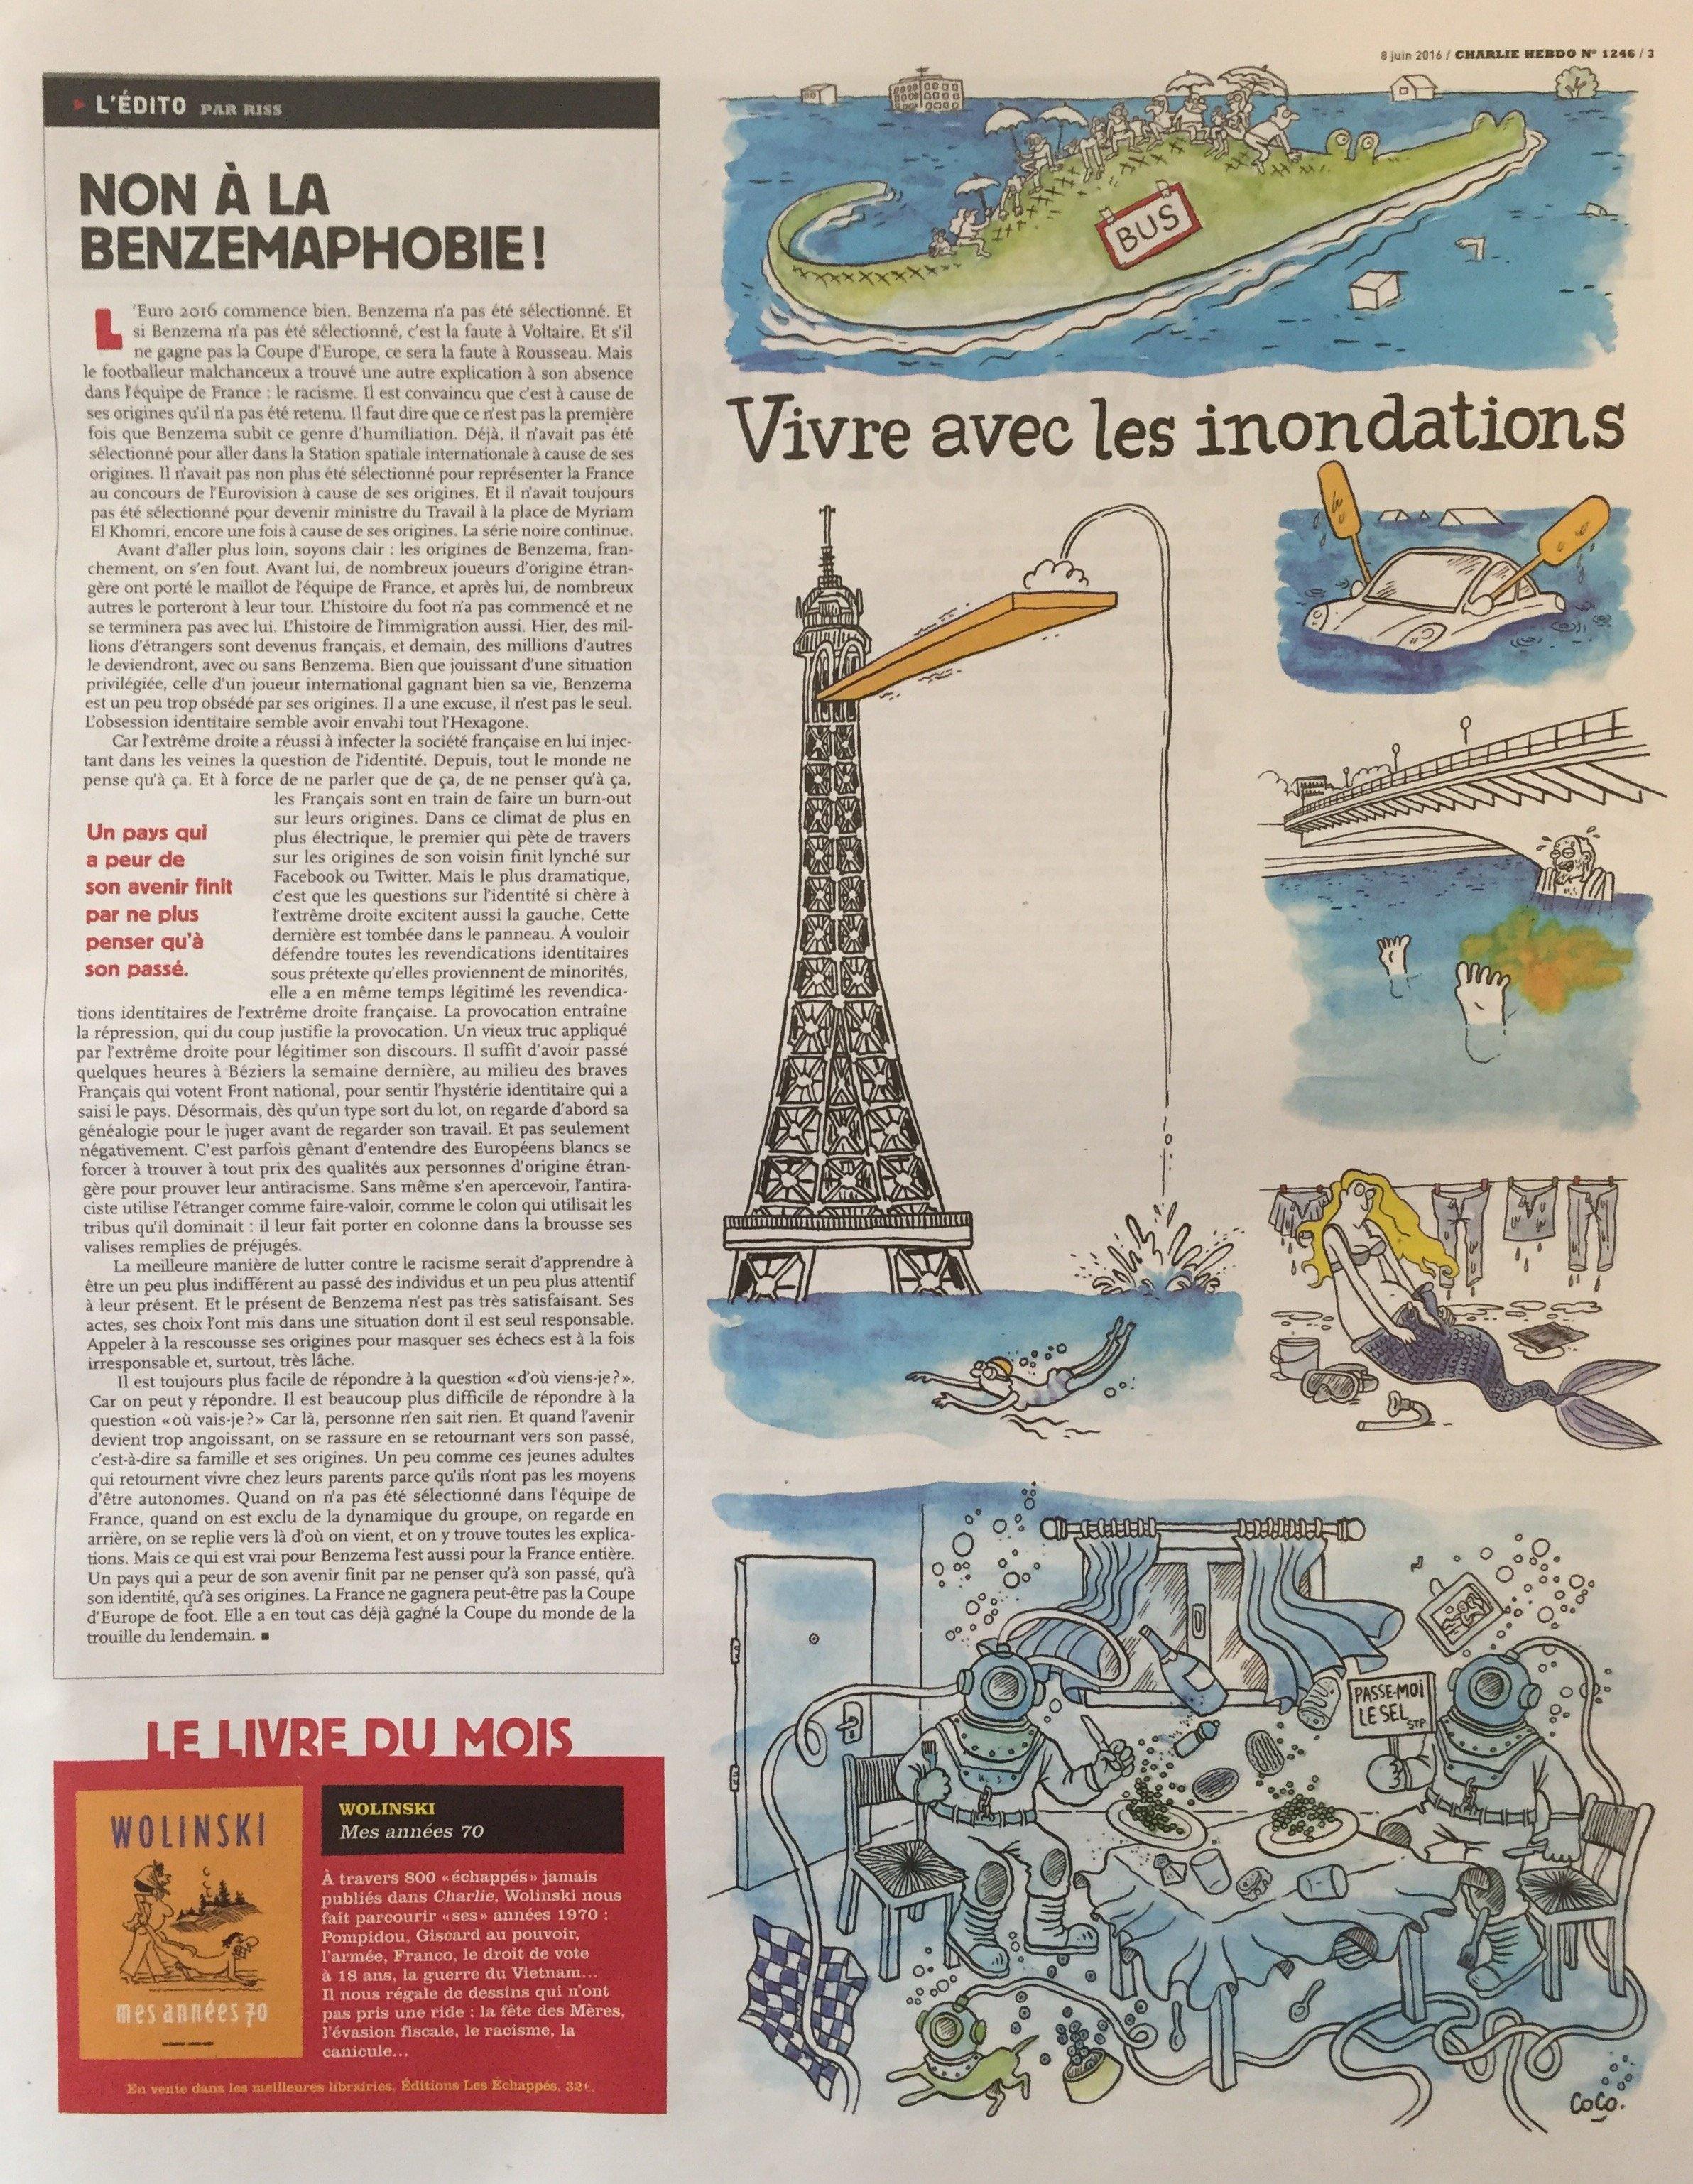 Charlie Hebdo высмеял возможность терактов на Евро-2016